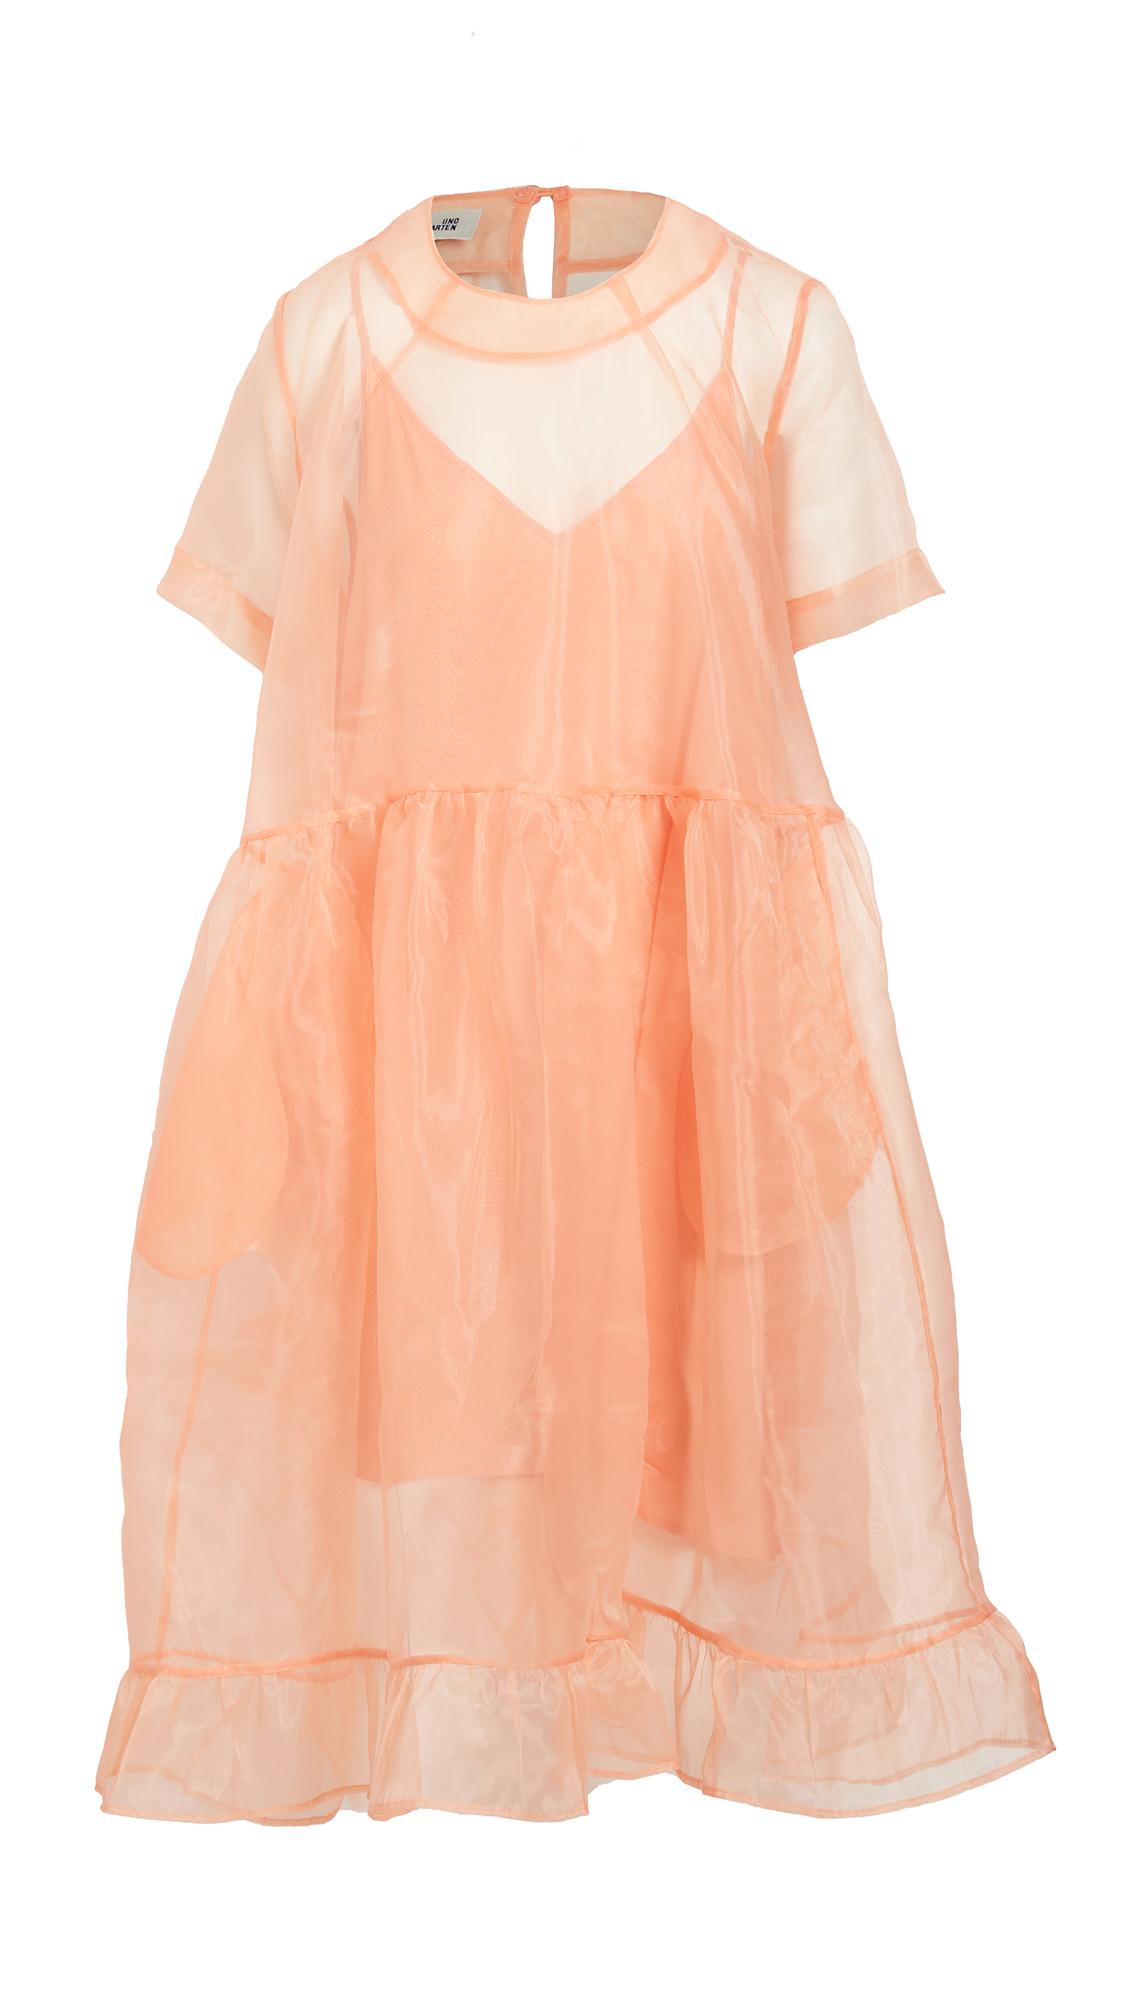 BAUM UND PFERDGARTEN Aria Dress